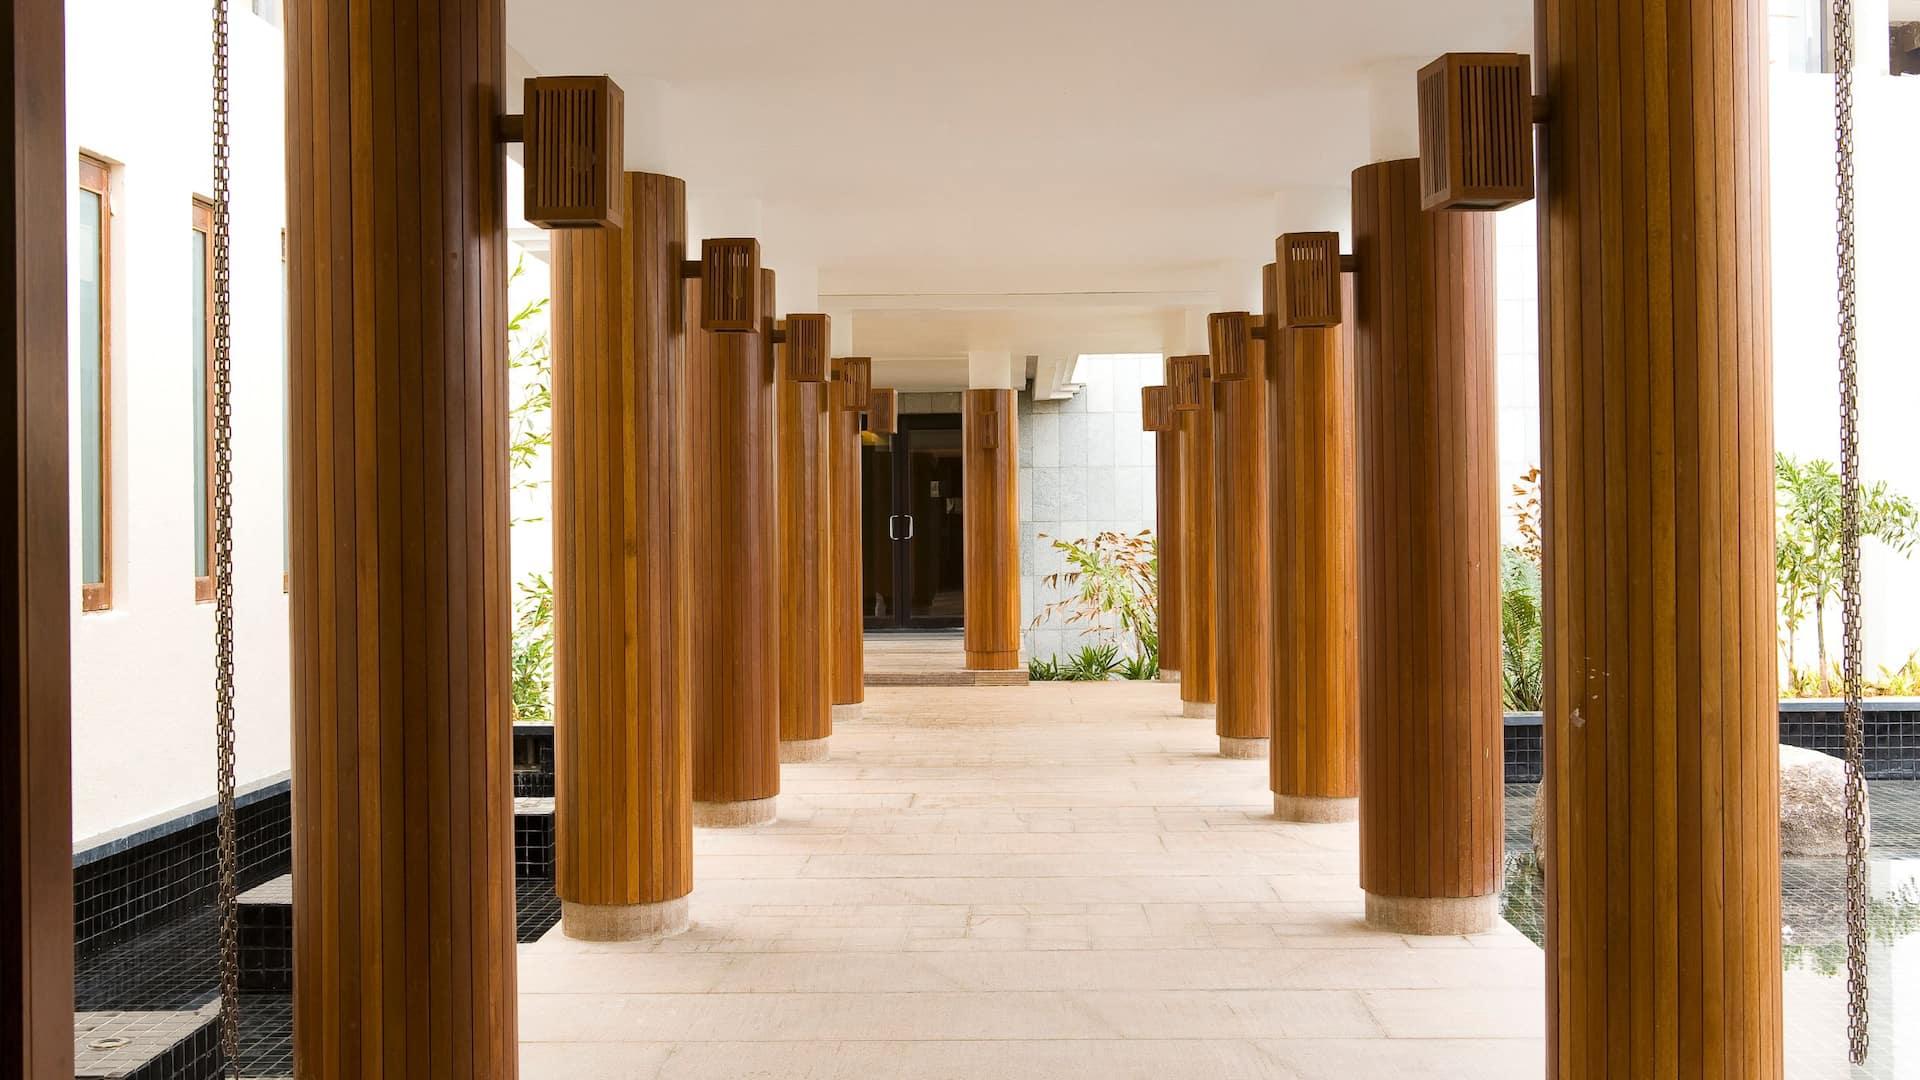 Hyatt Interiors